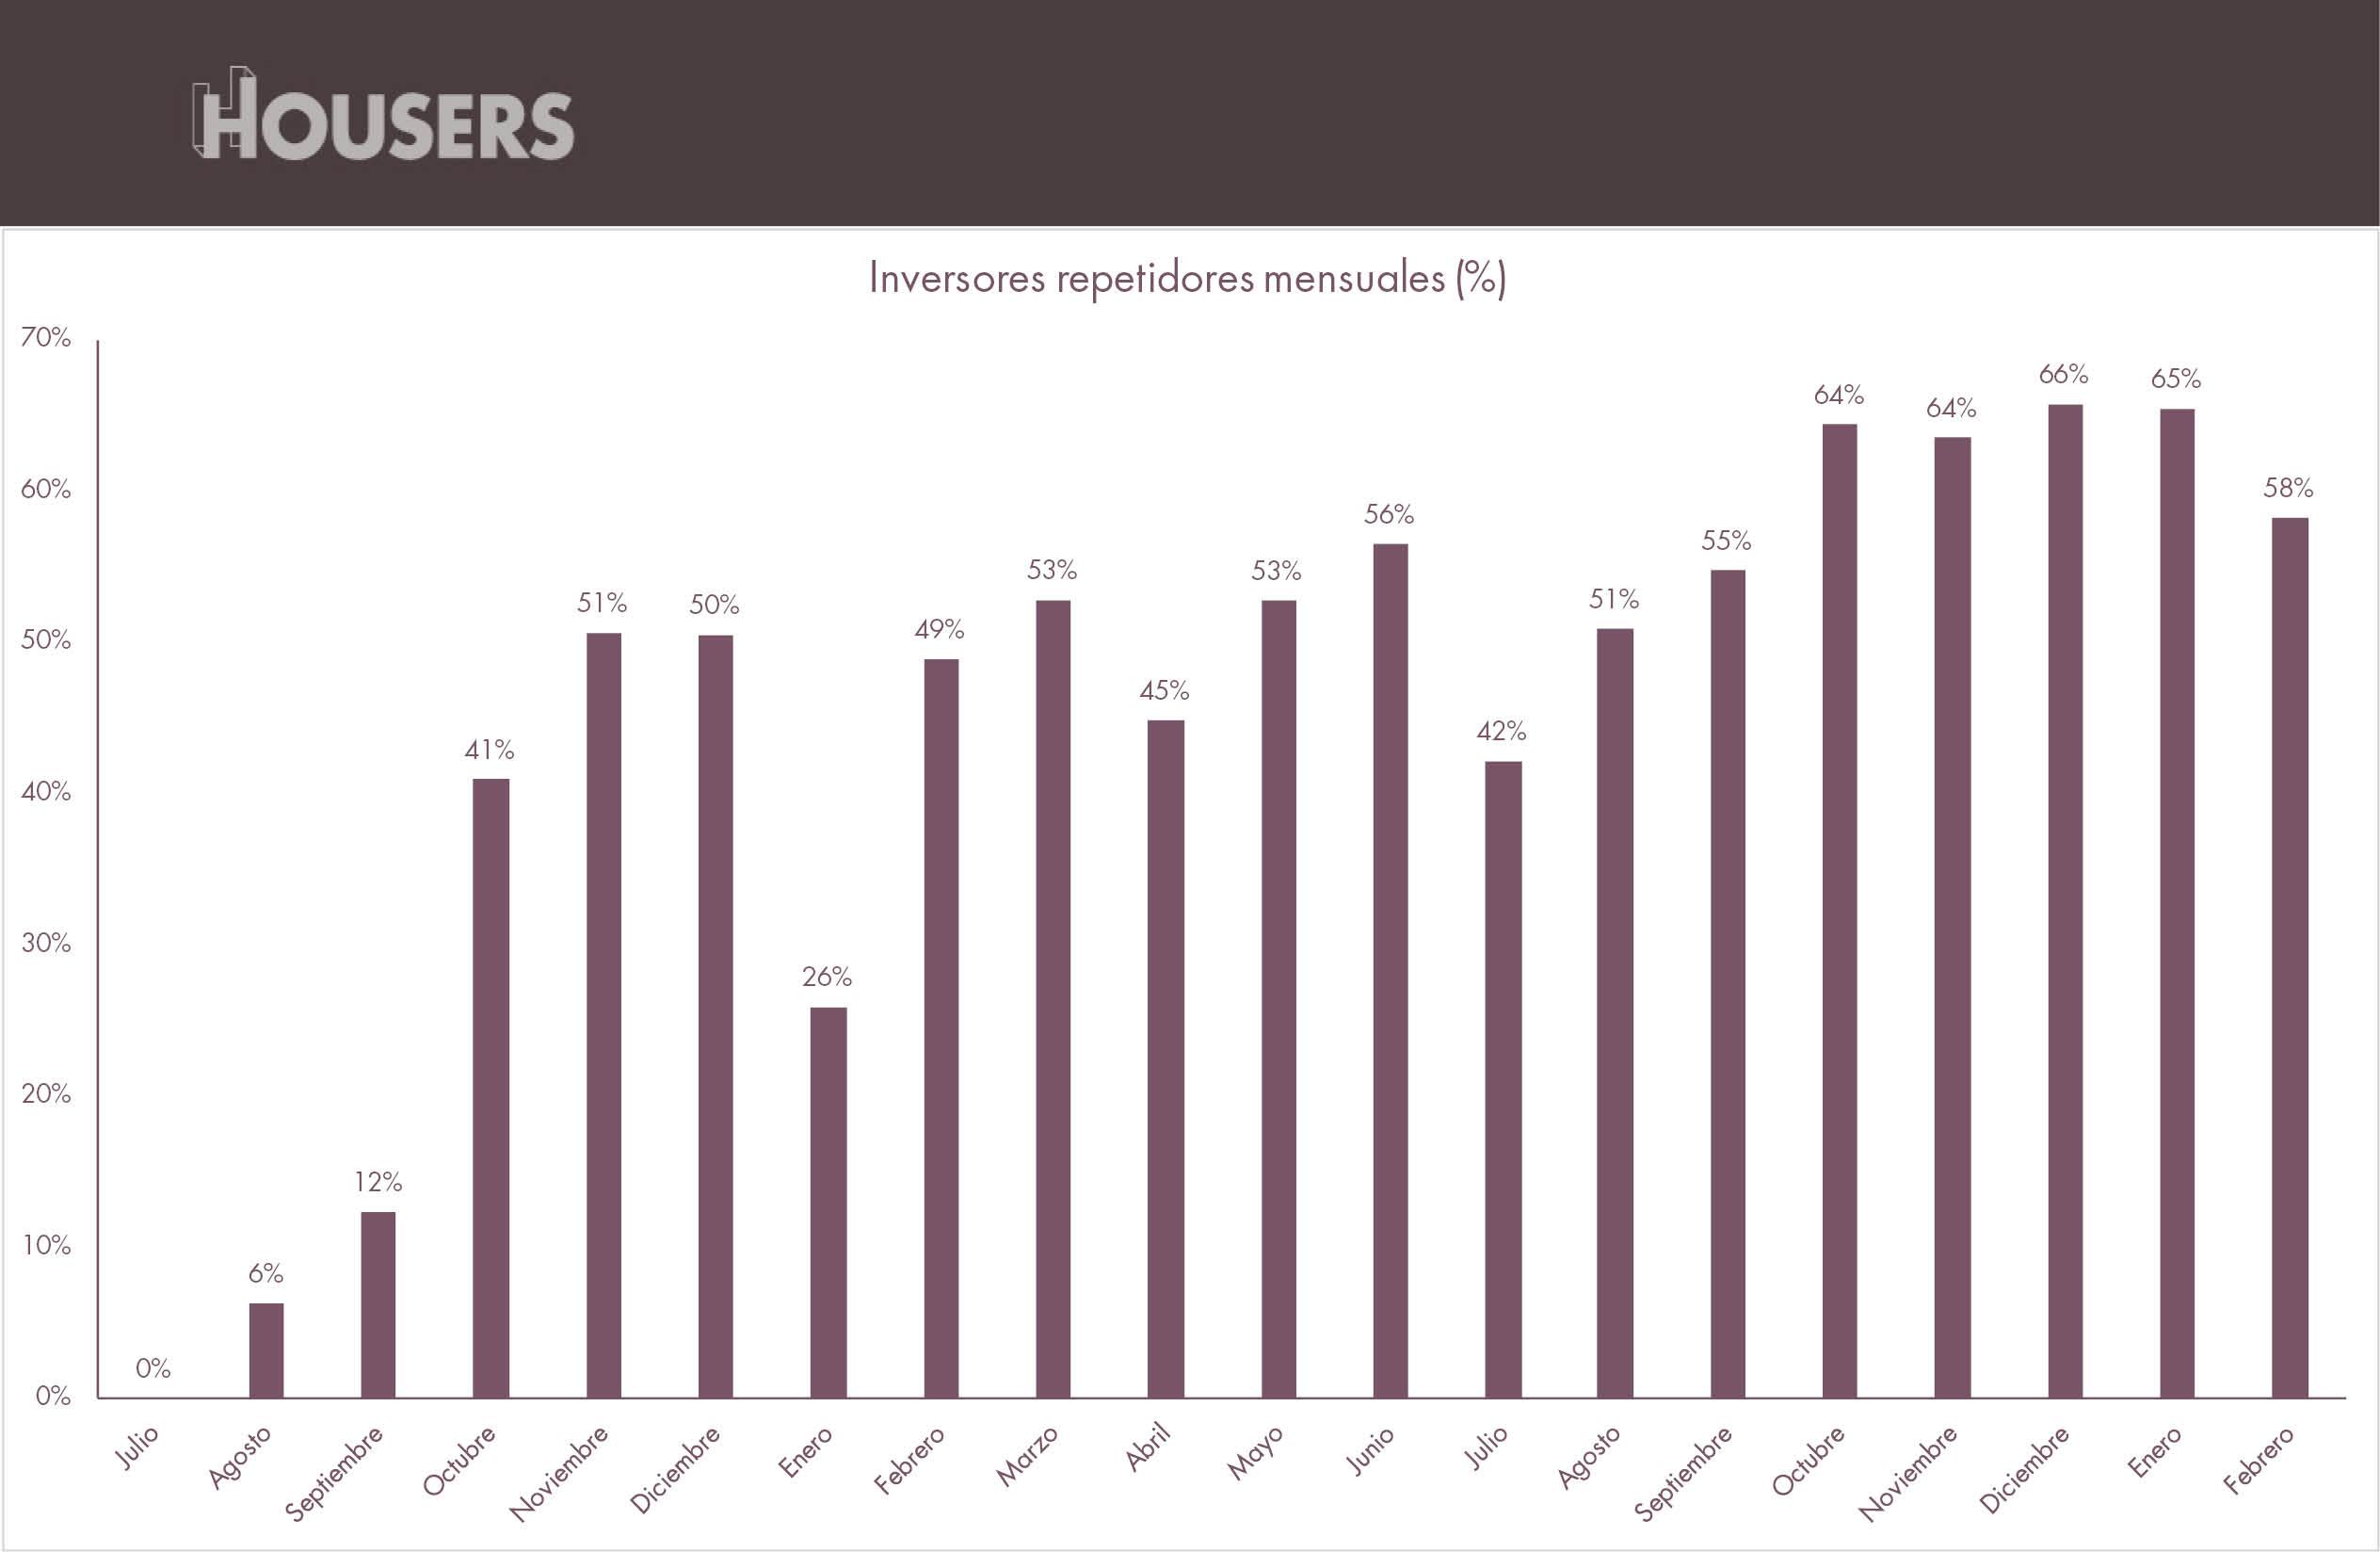 Estadísticas Housers febrero 2017 inversores repetidores